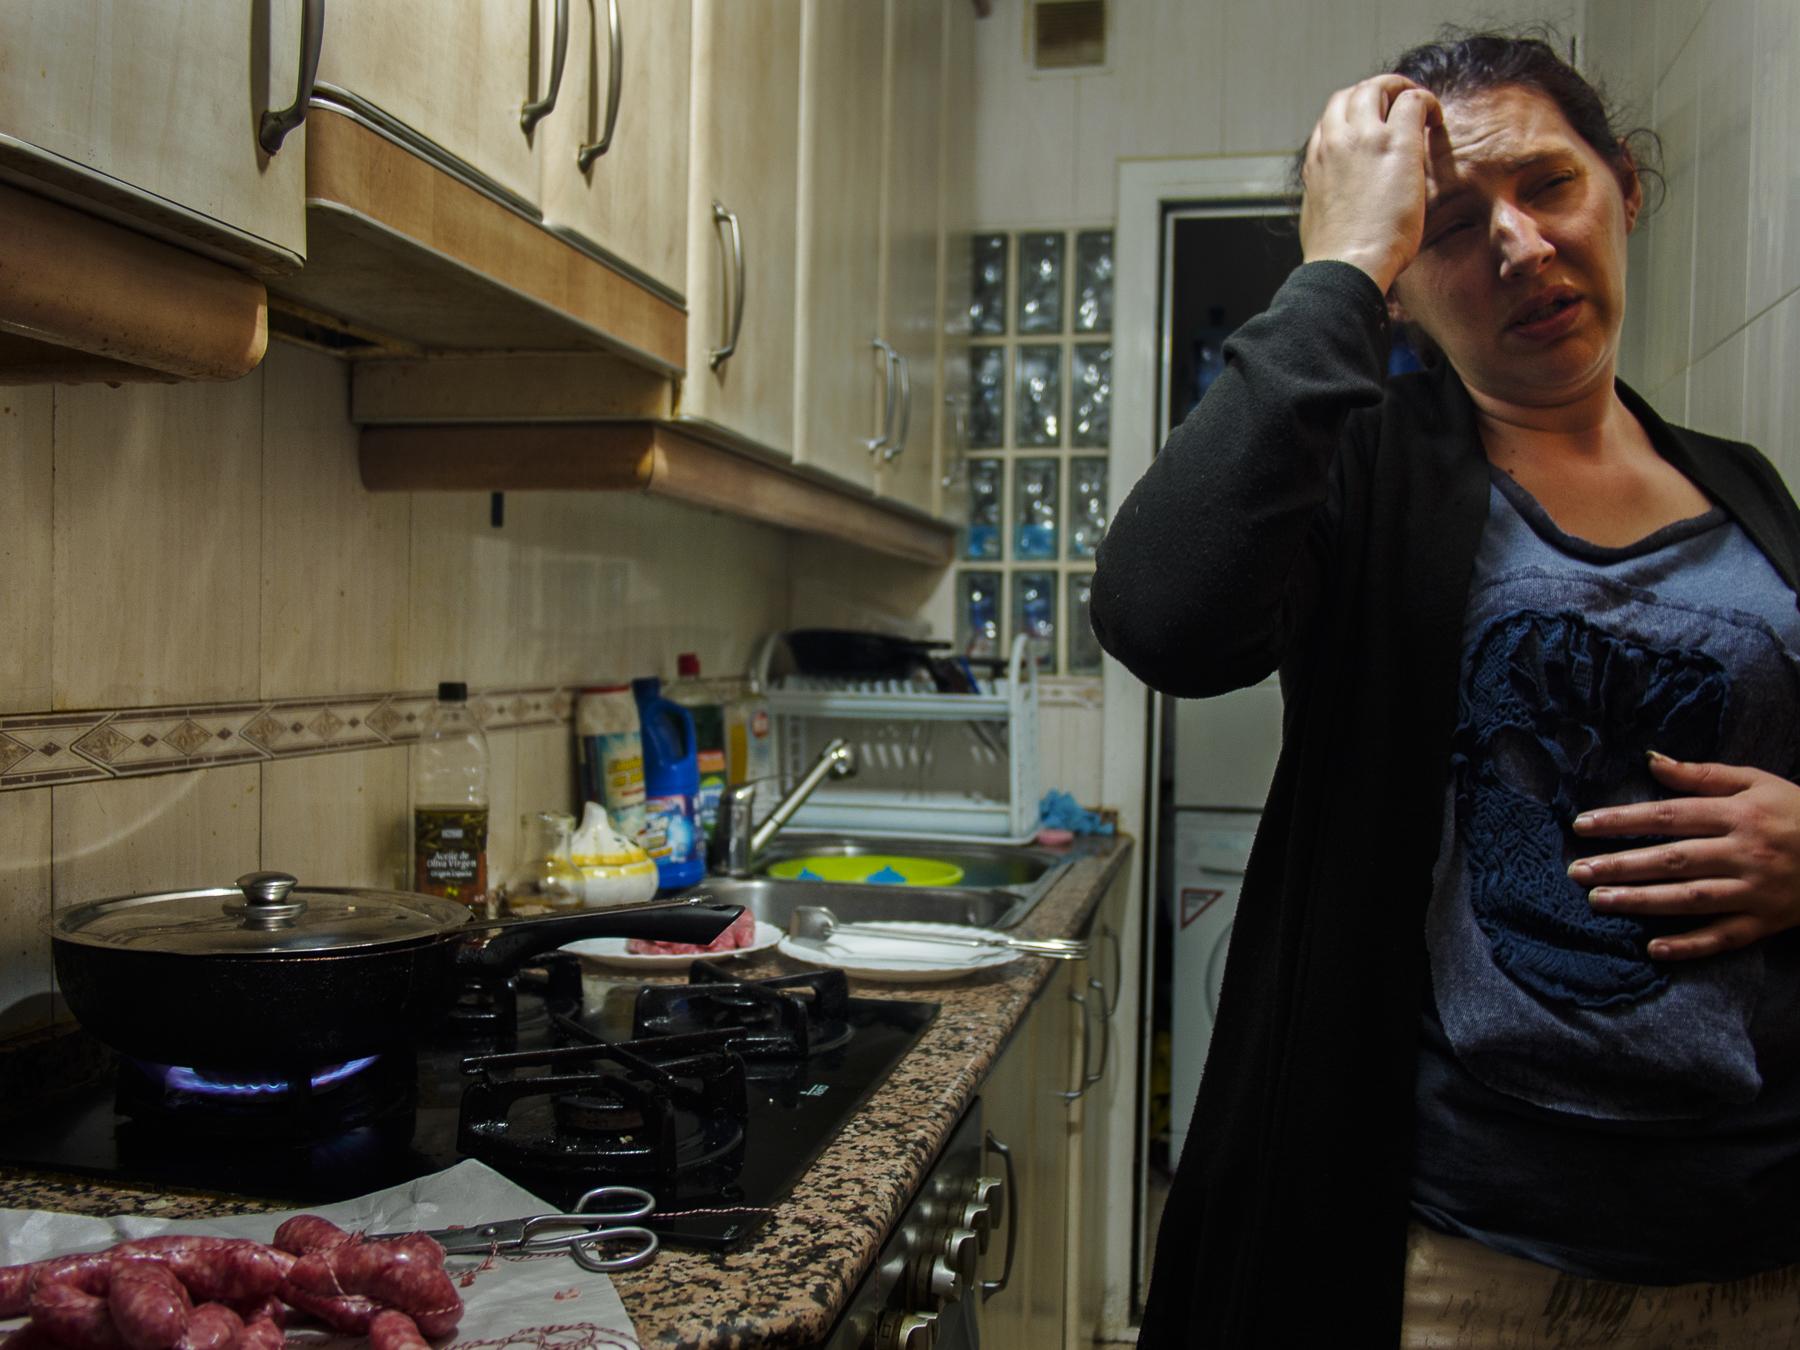 Ana prepara la cena mientras se queja del fuerte dolor de cabeza